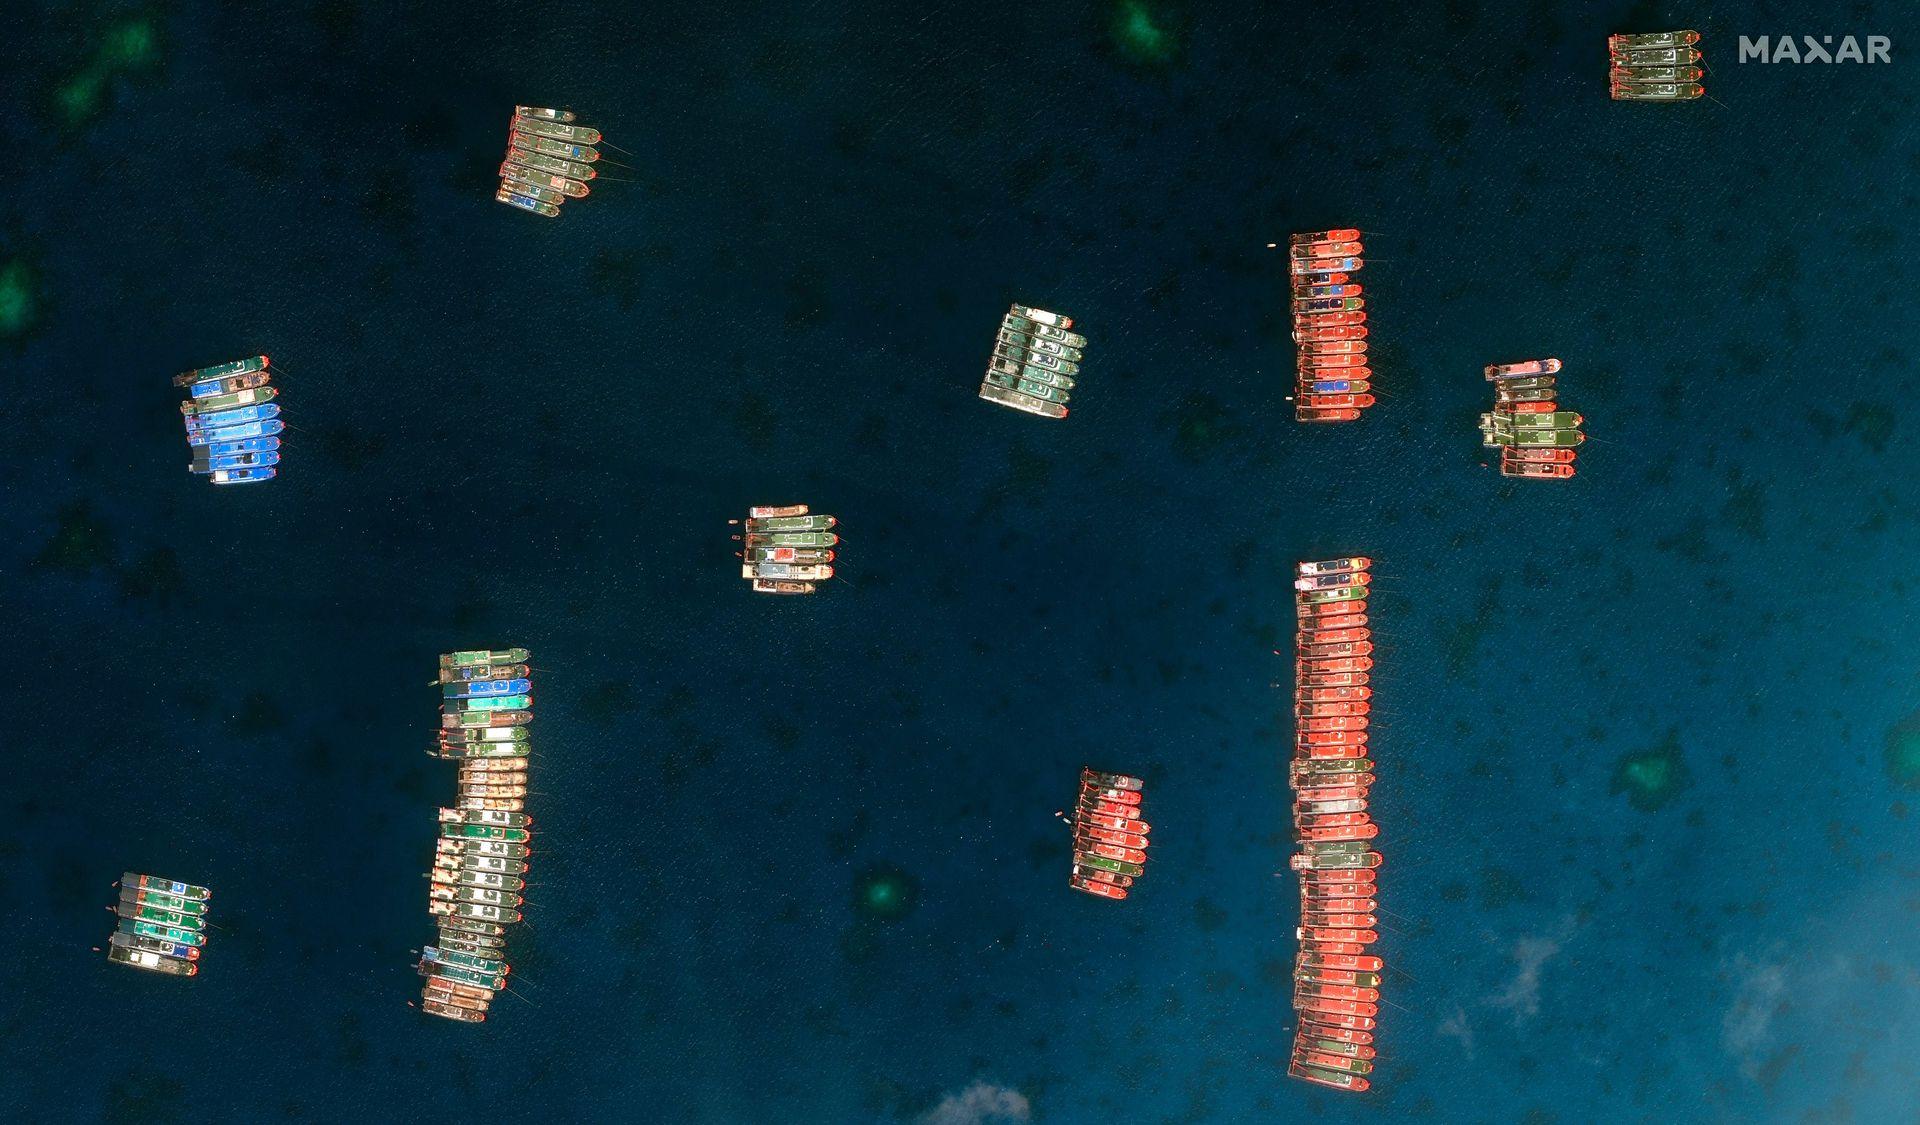 菲律宾总统府警告北京:牛轭礁事件恐致中菲擦枪走火(组图)